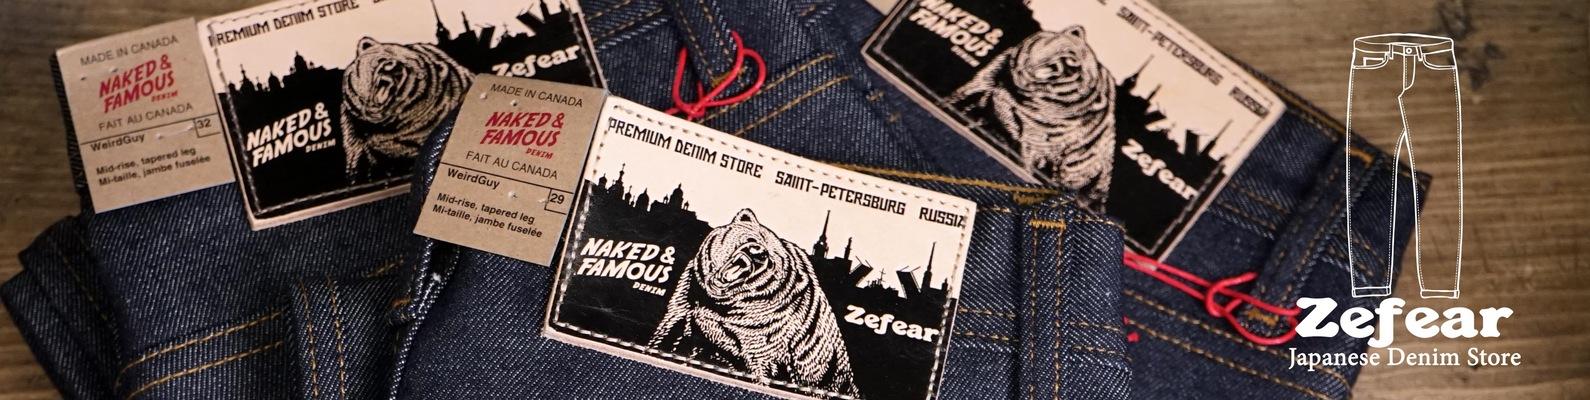 b5fd8d70af5 ZEFEAR Store